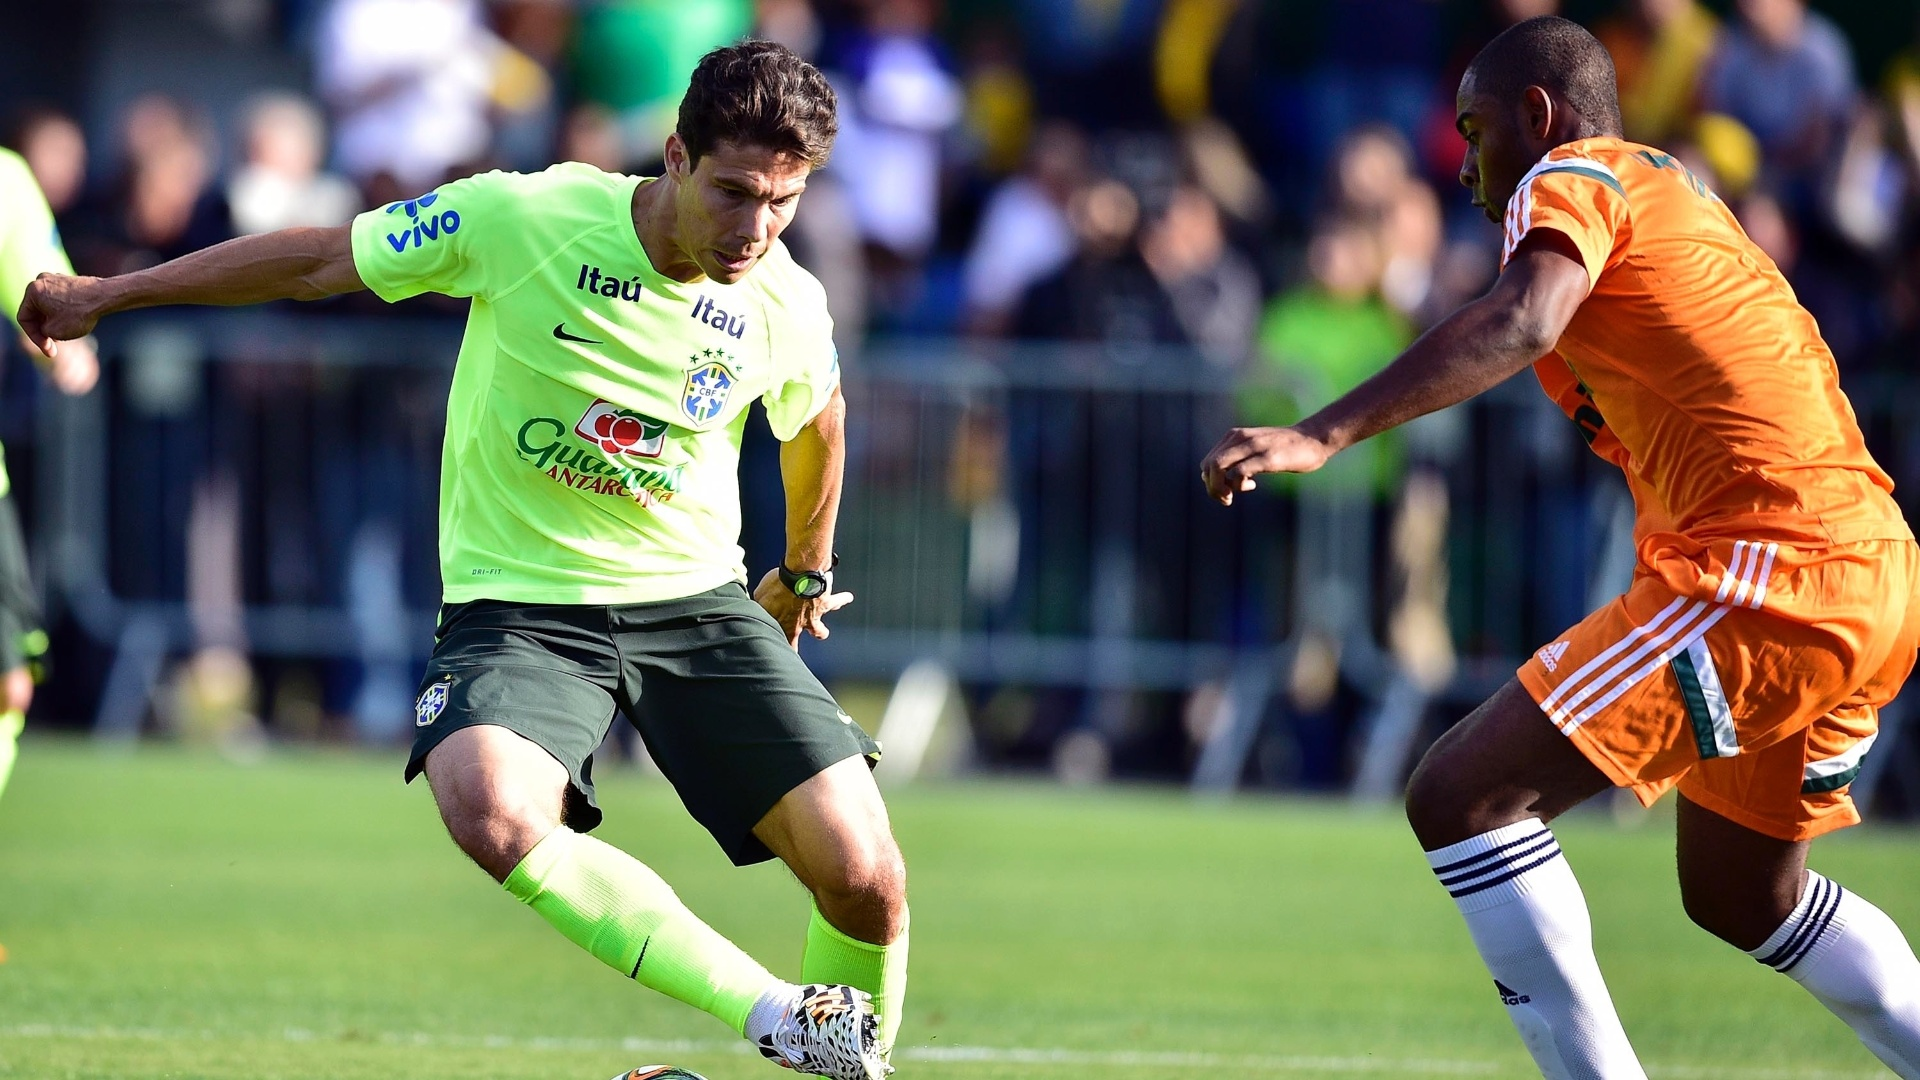 06.jul.2014 - Meia Hernanes tenta passar pela marcação durante treino da seleção contra o time sub-20 do Fluminense